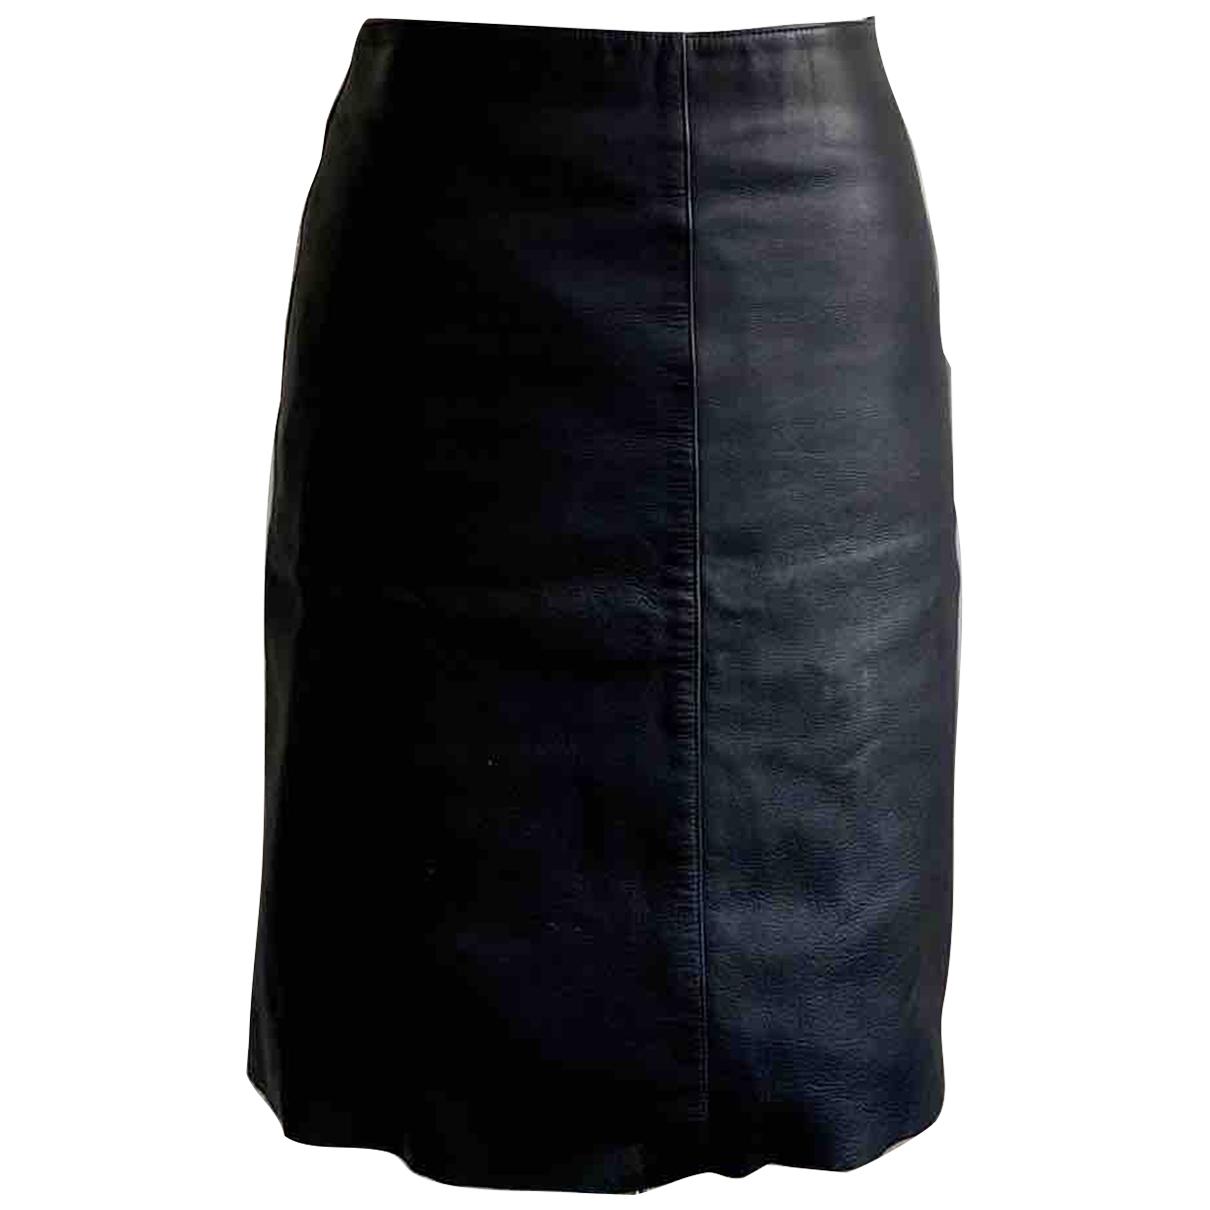 Apc \N Blue Leather skirt for Women 36 FR